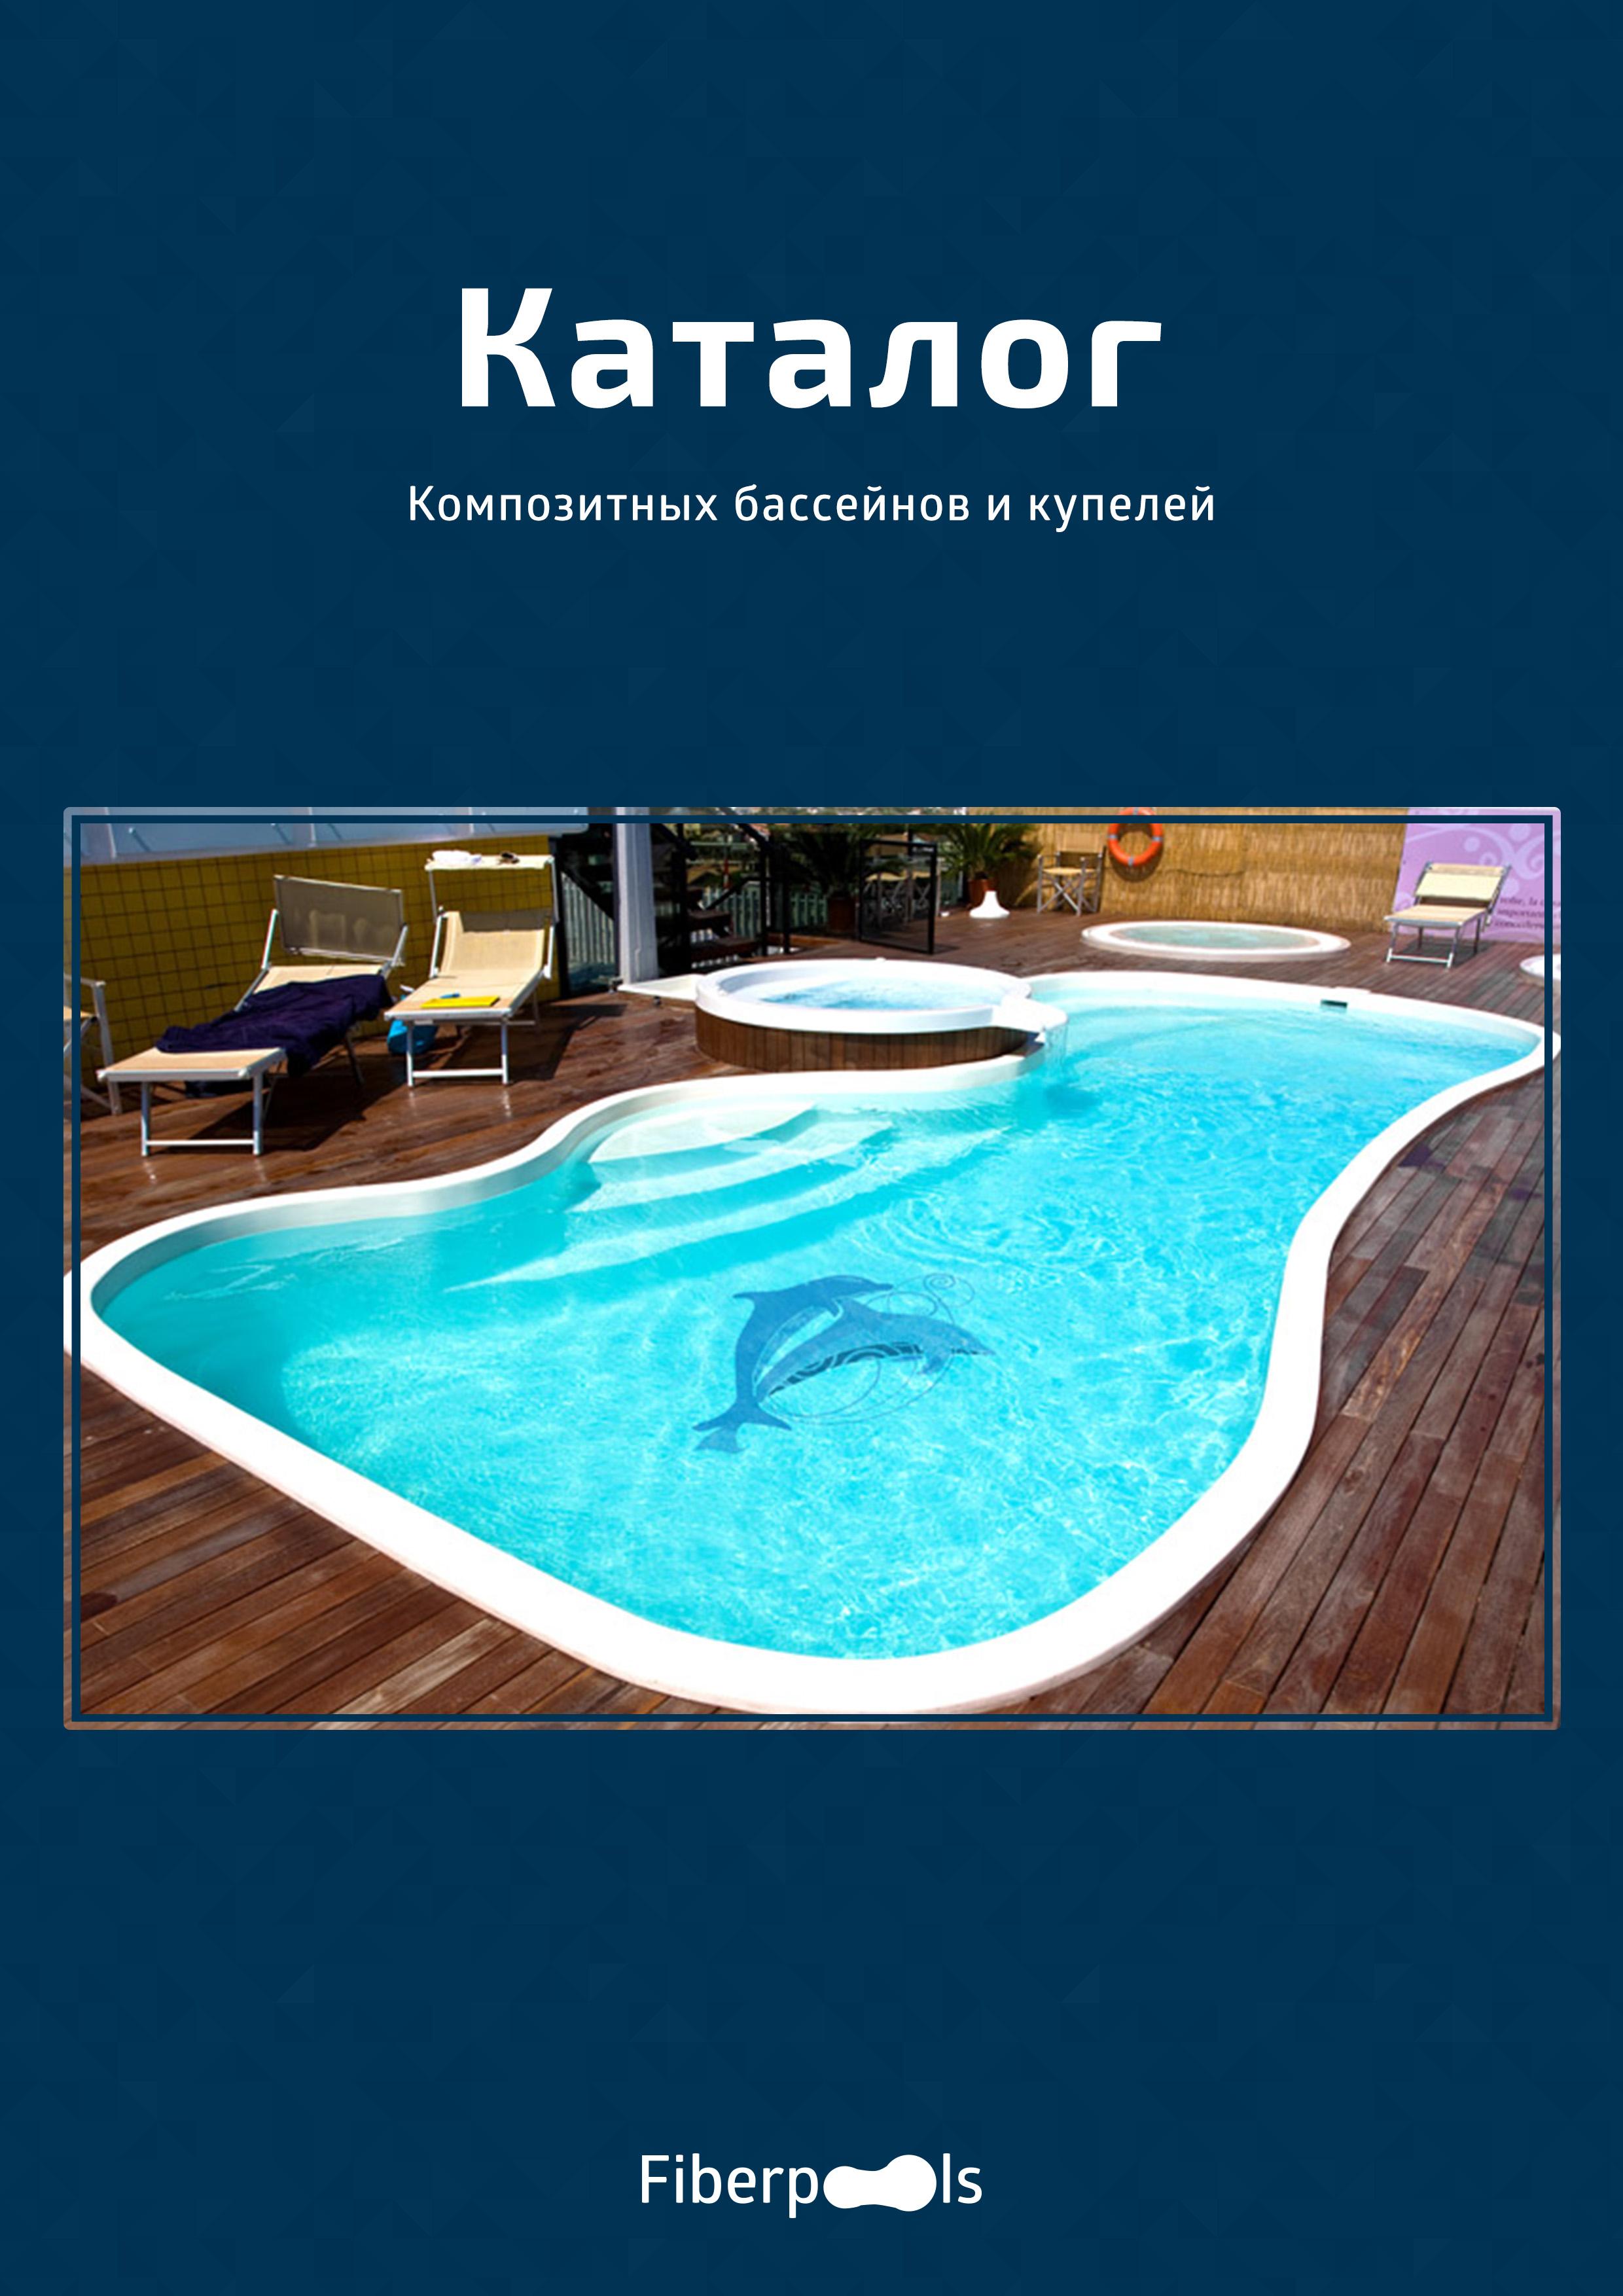 Разработка дизайна сайта и каталога бассейнов фото f_88754905e89871b9.jpg